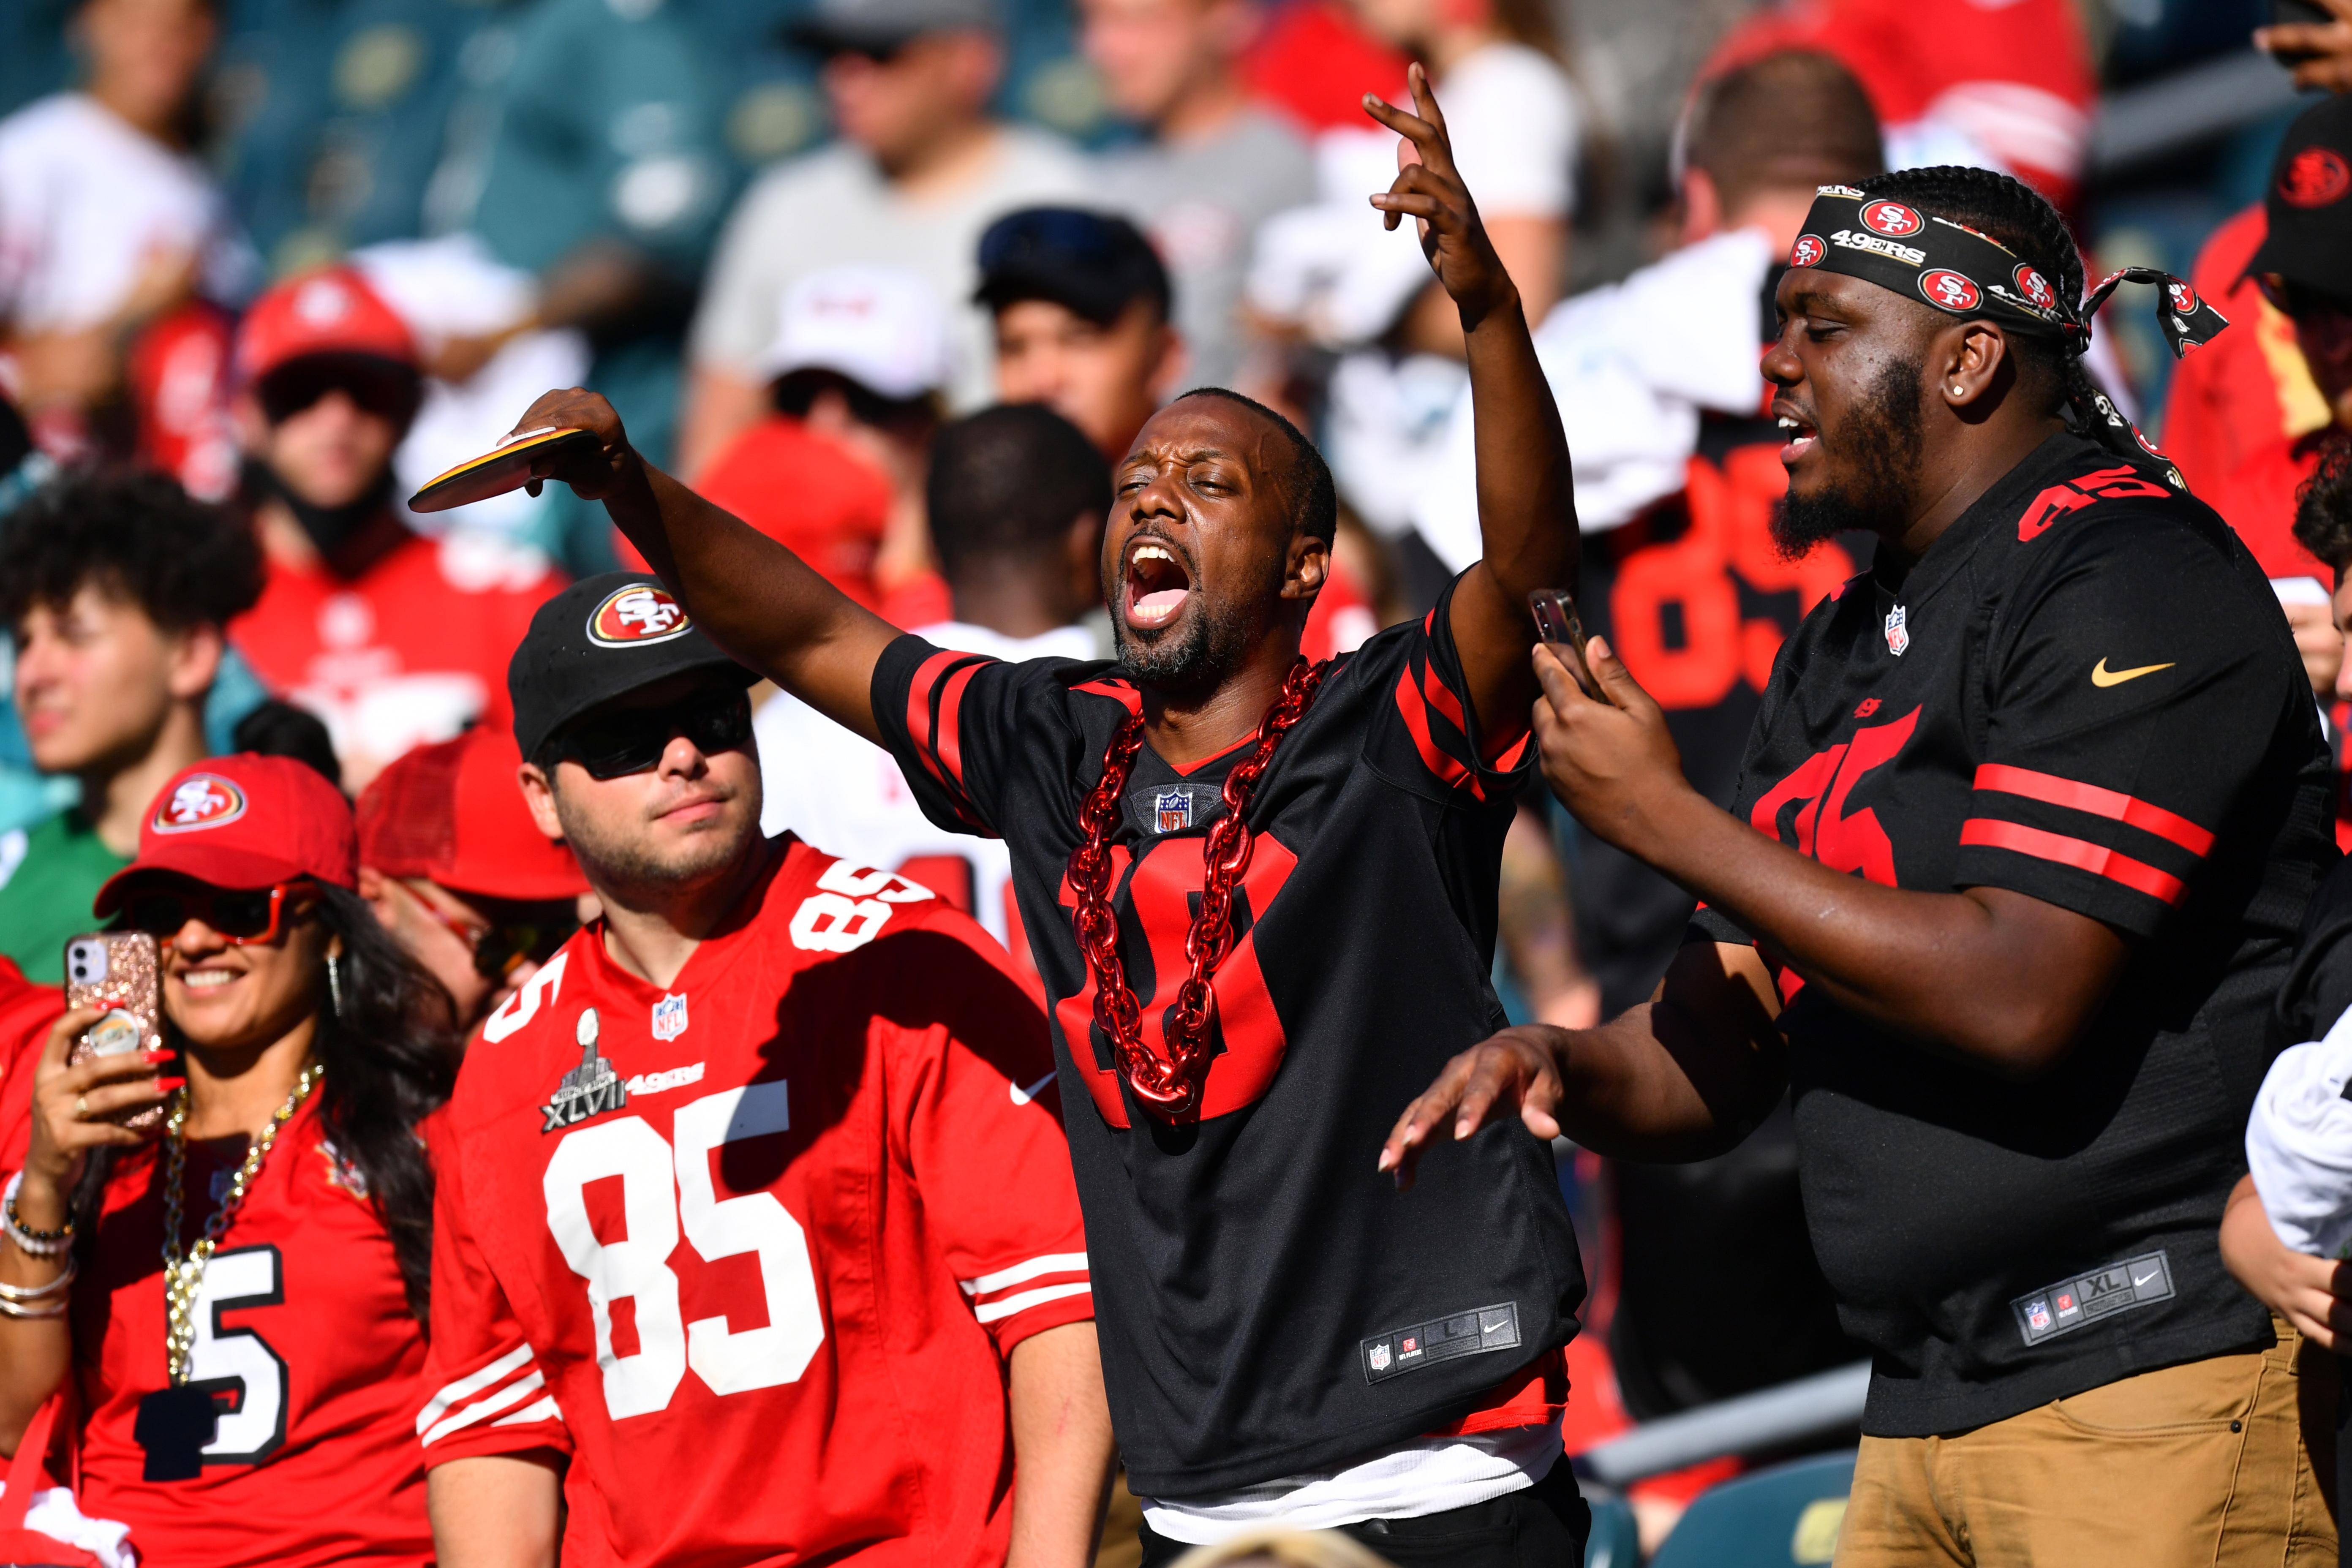 NFL: SEP 19 49ers at Eagles